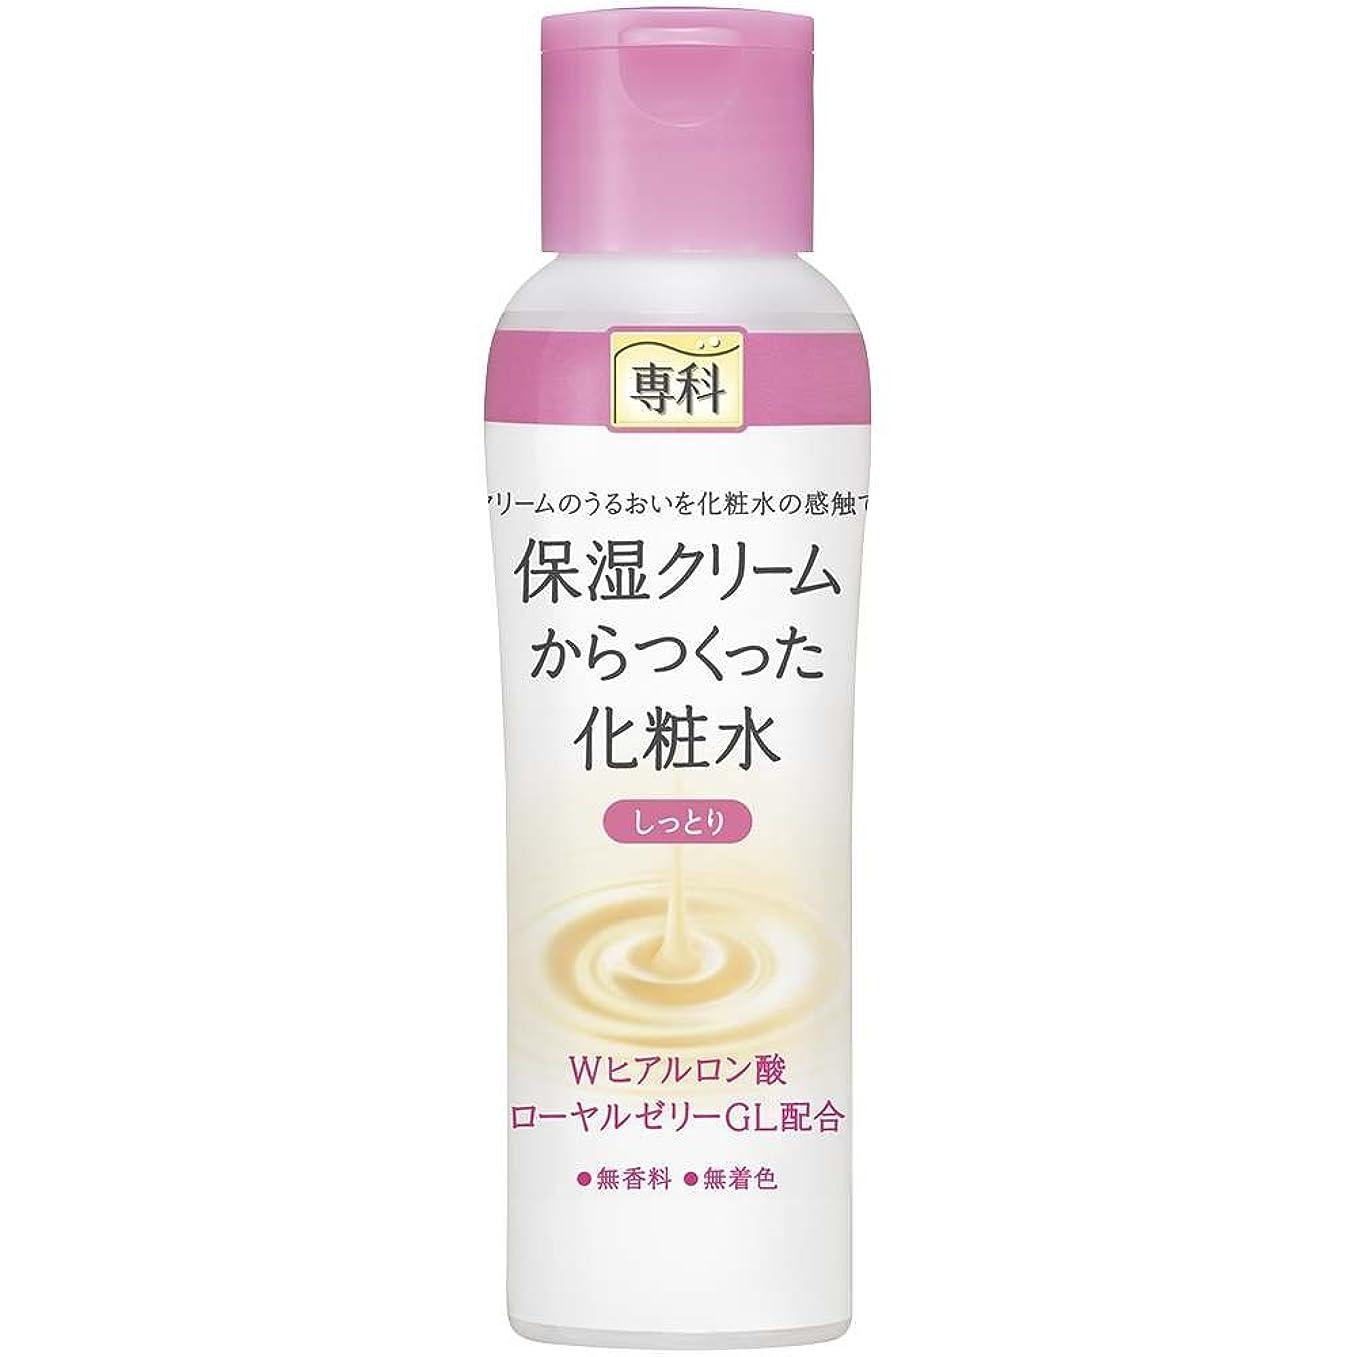 パテ不公平作成する専科 保湿クリームからつくった化粧水(しっとり) 200ml